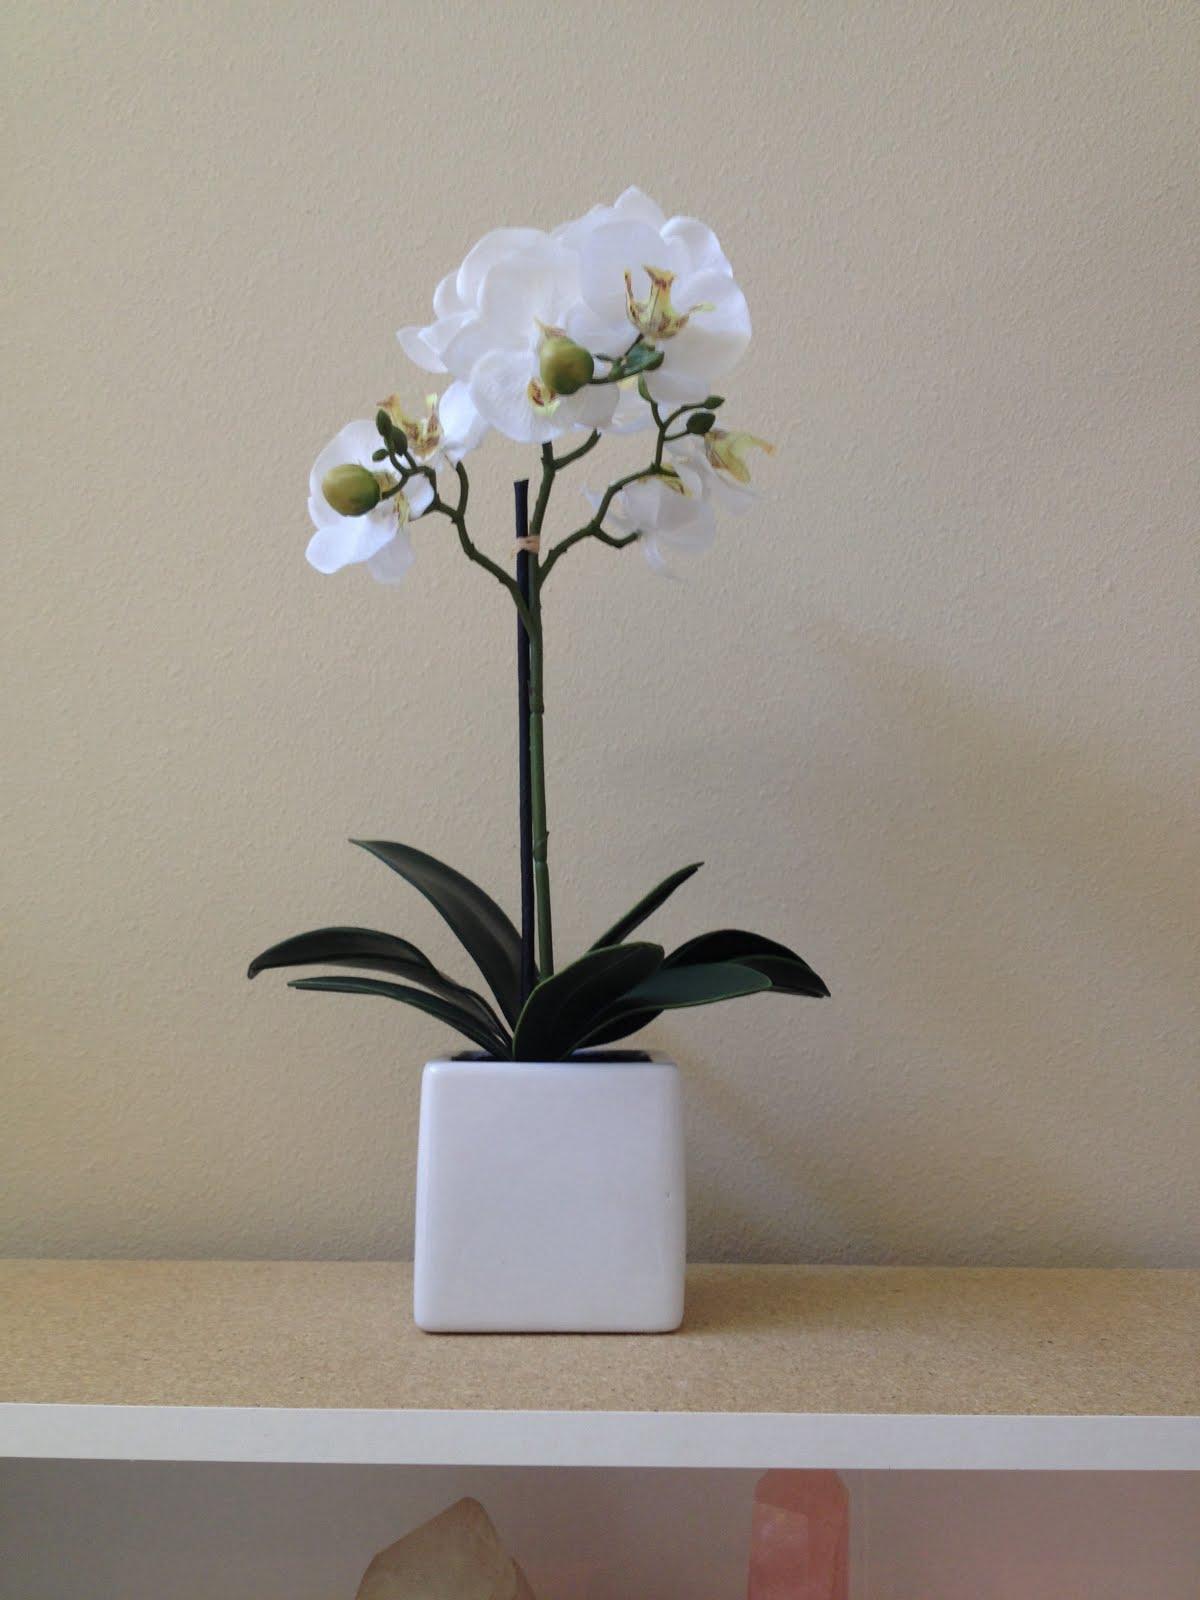 I ADORE white orchids: